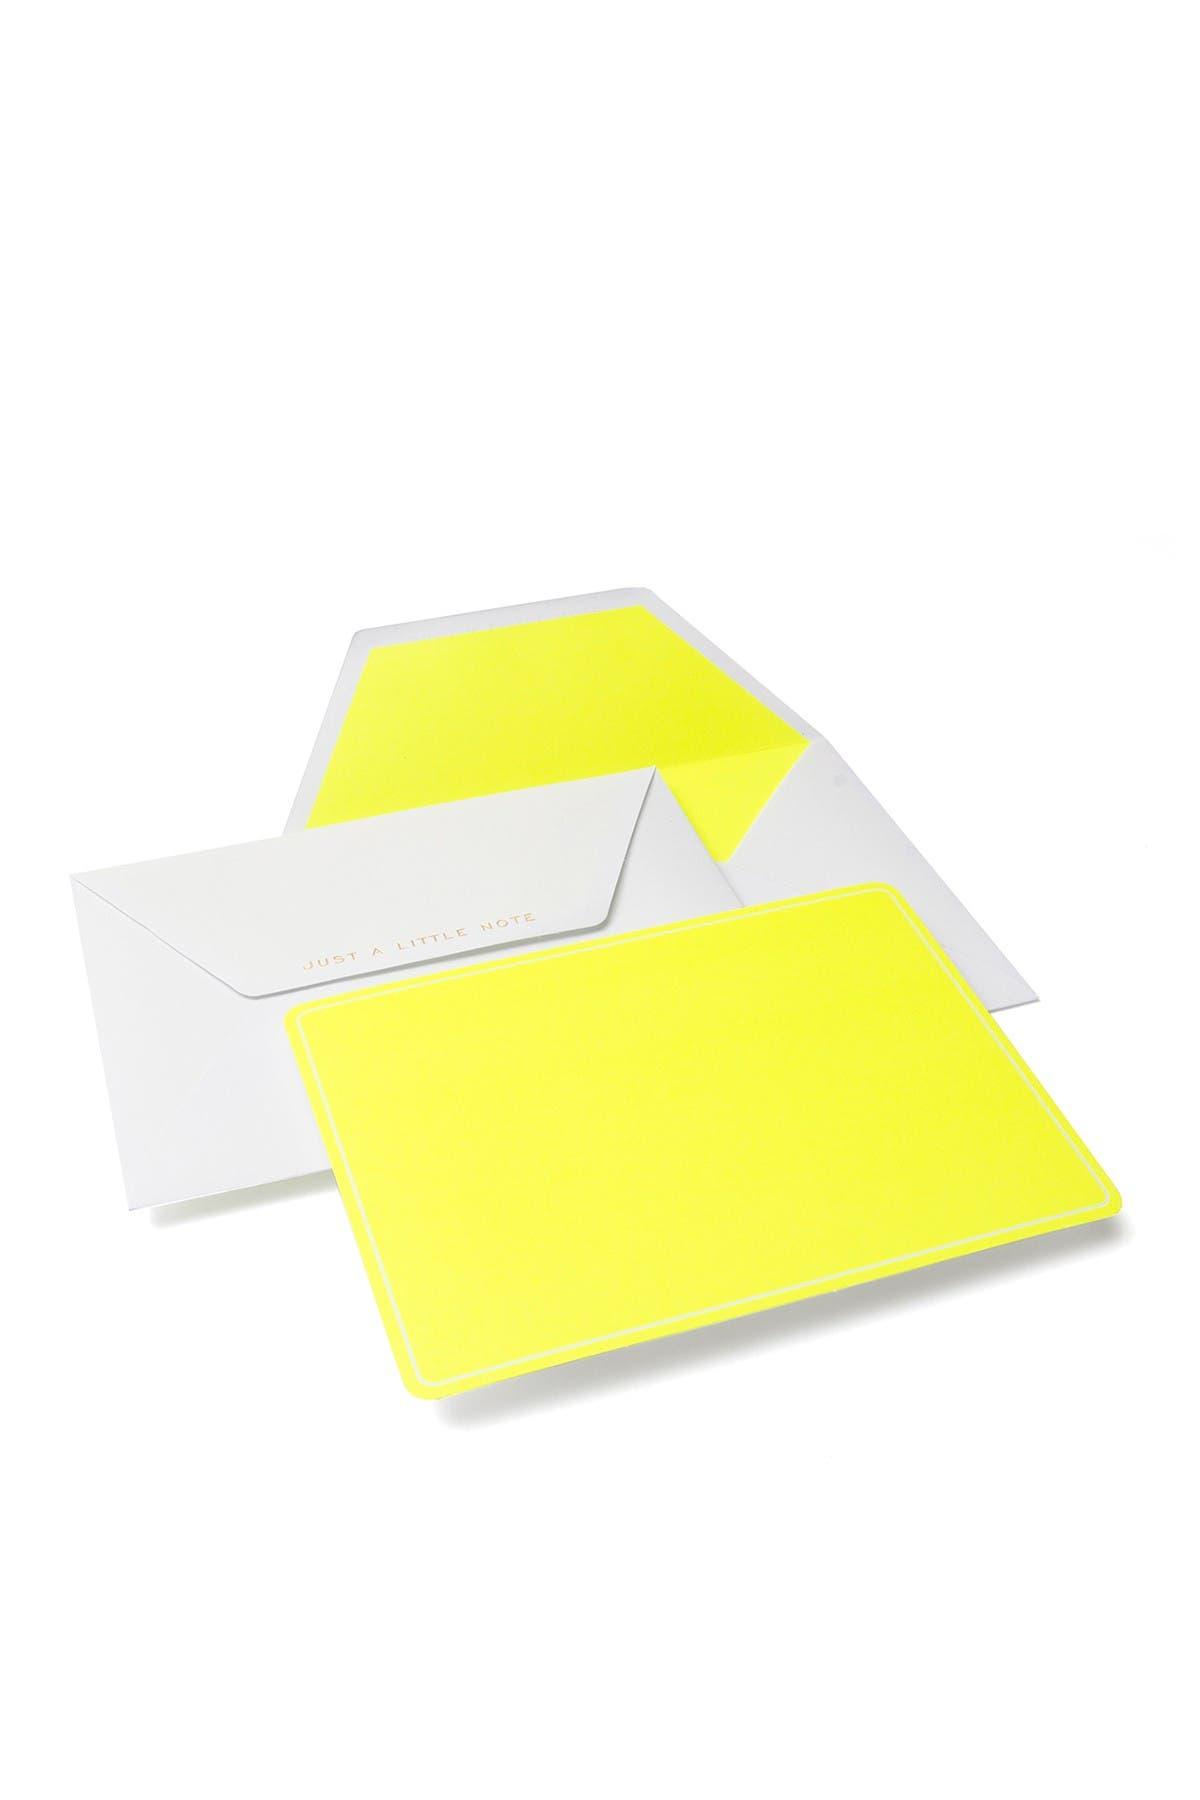 Image of GARTNER STUDIOS Neon Notecards - 60-Count